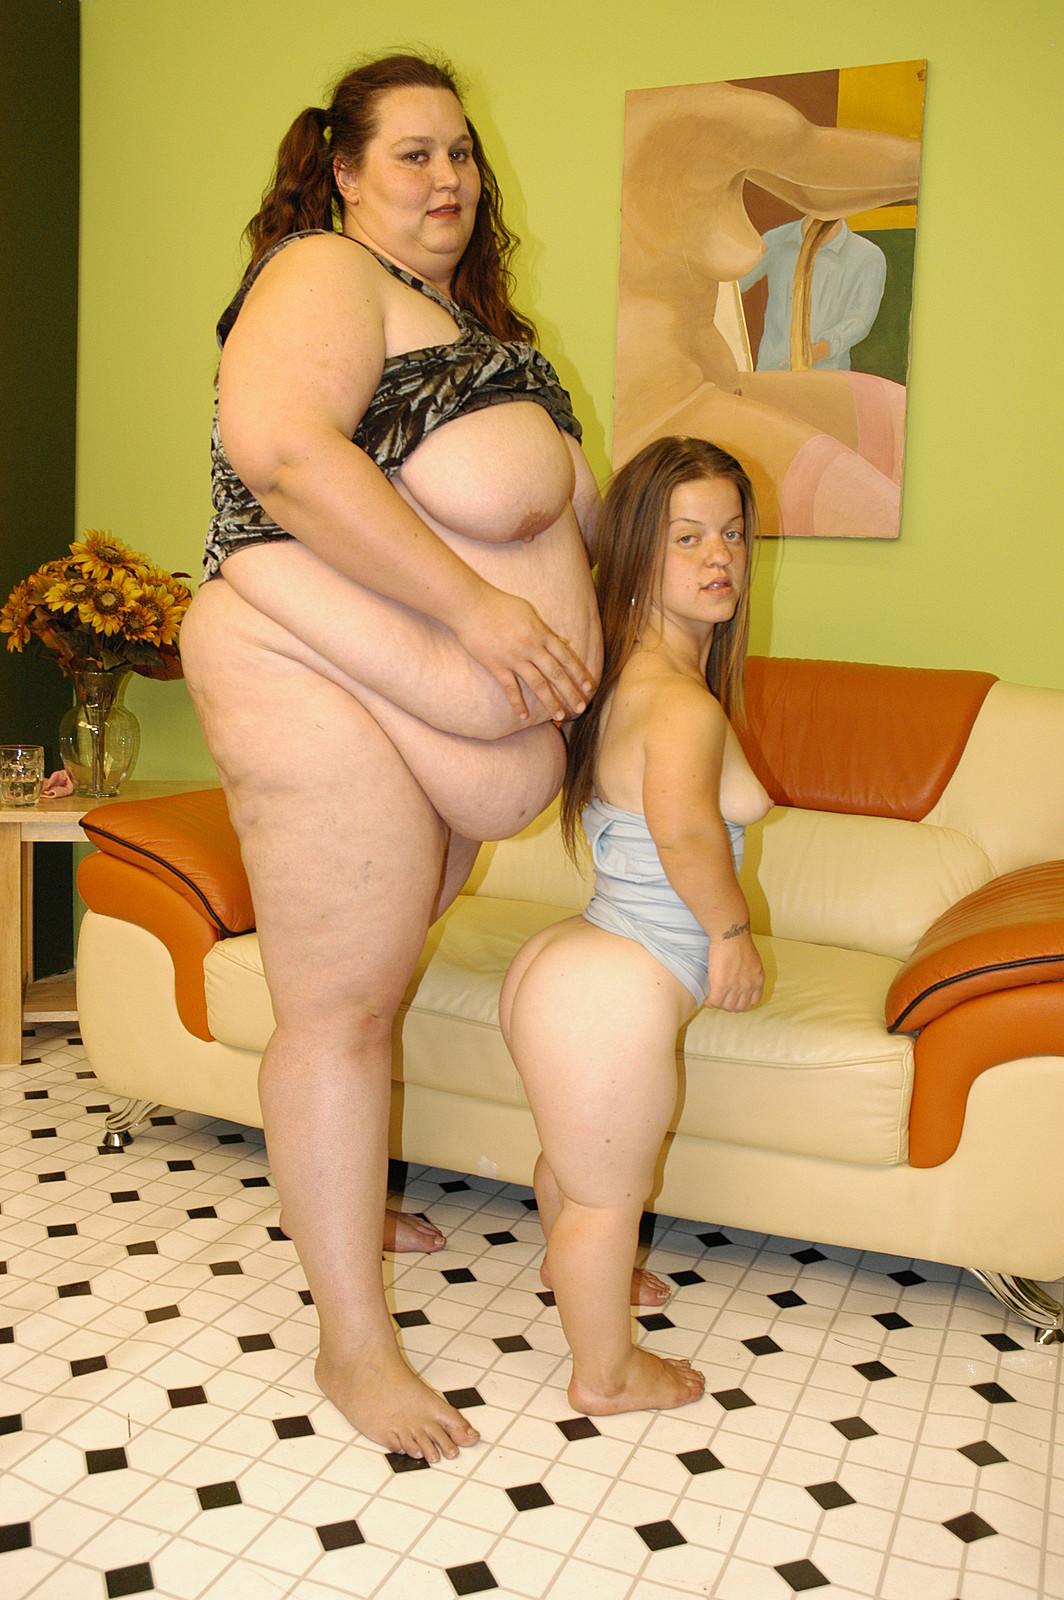 girl midget naked